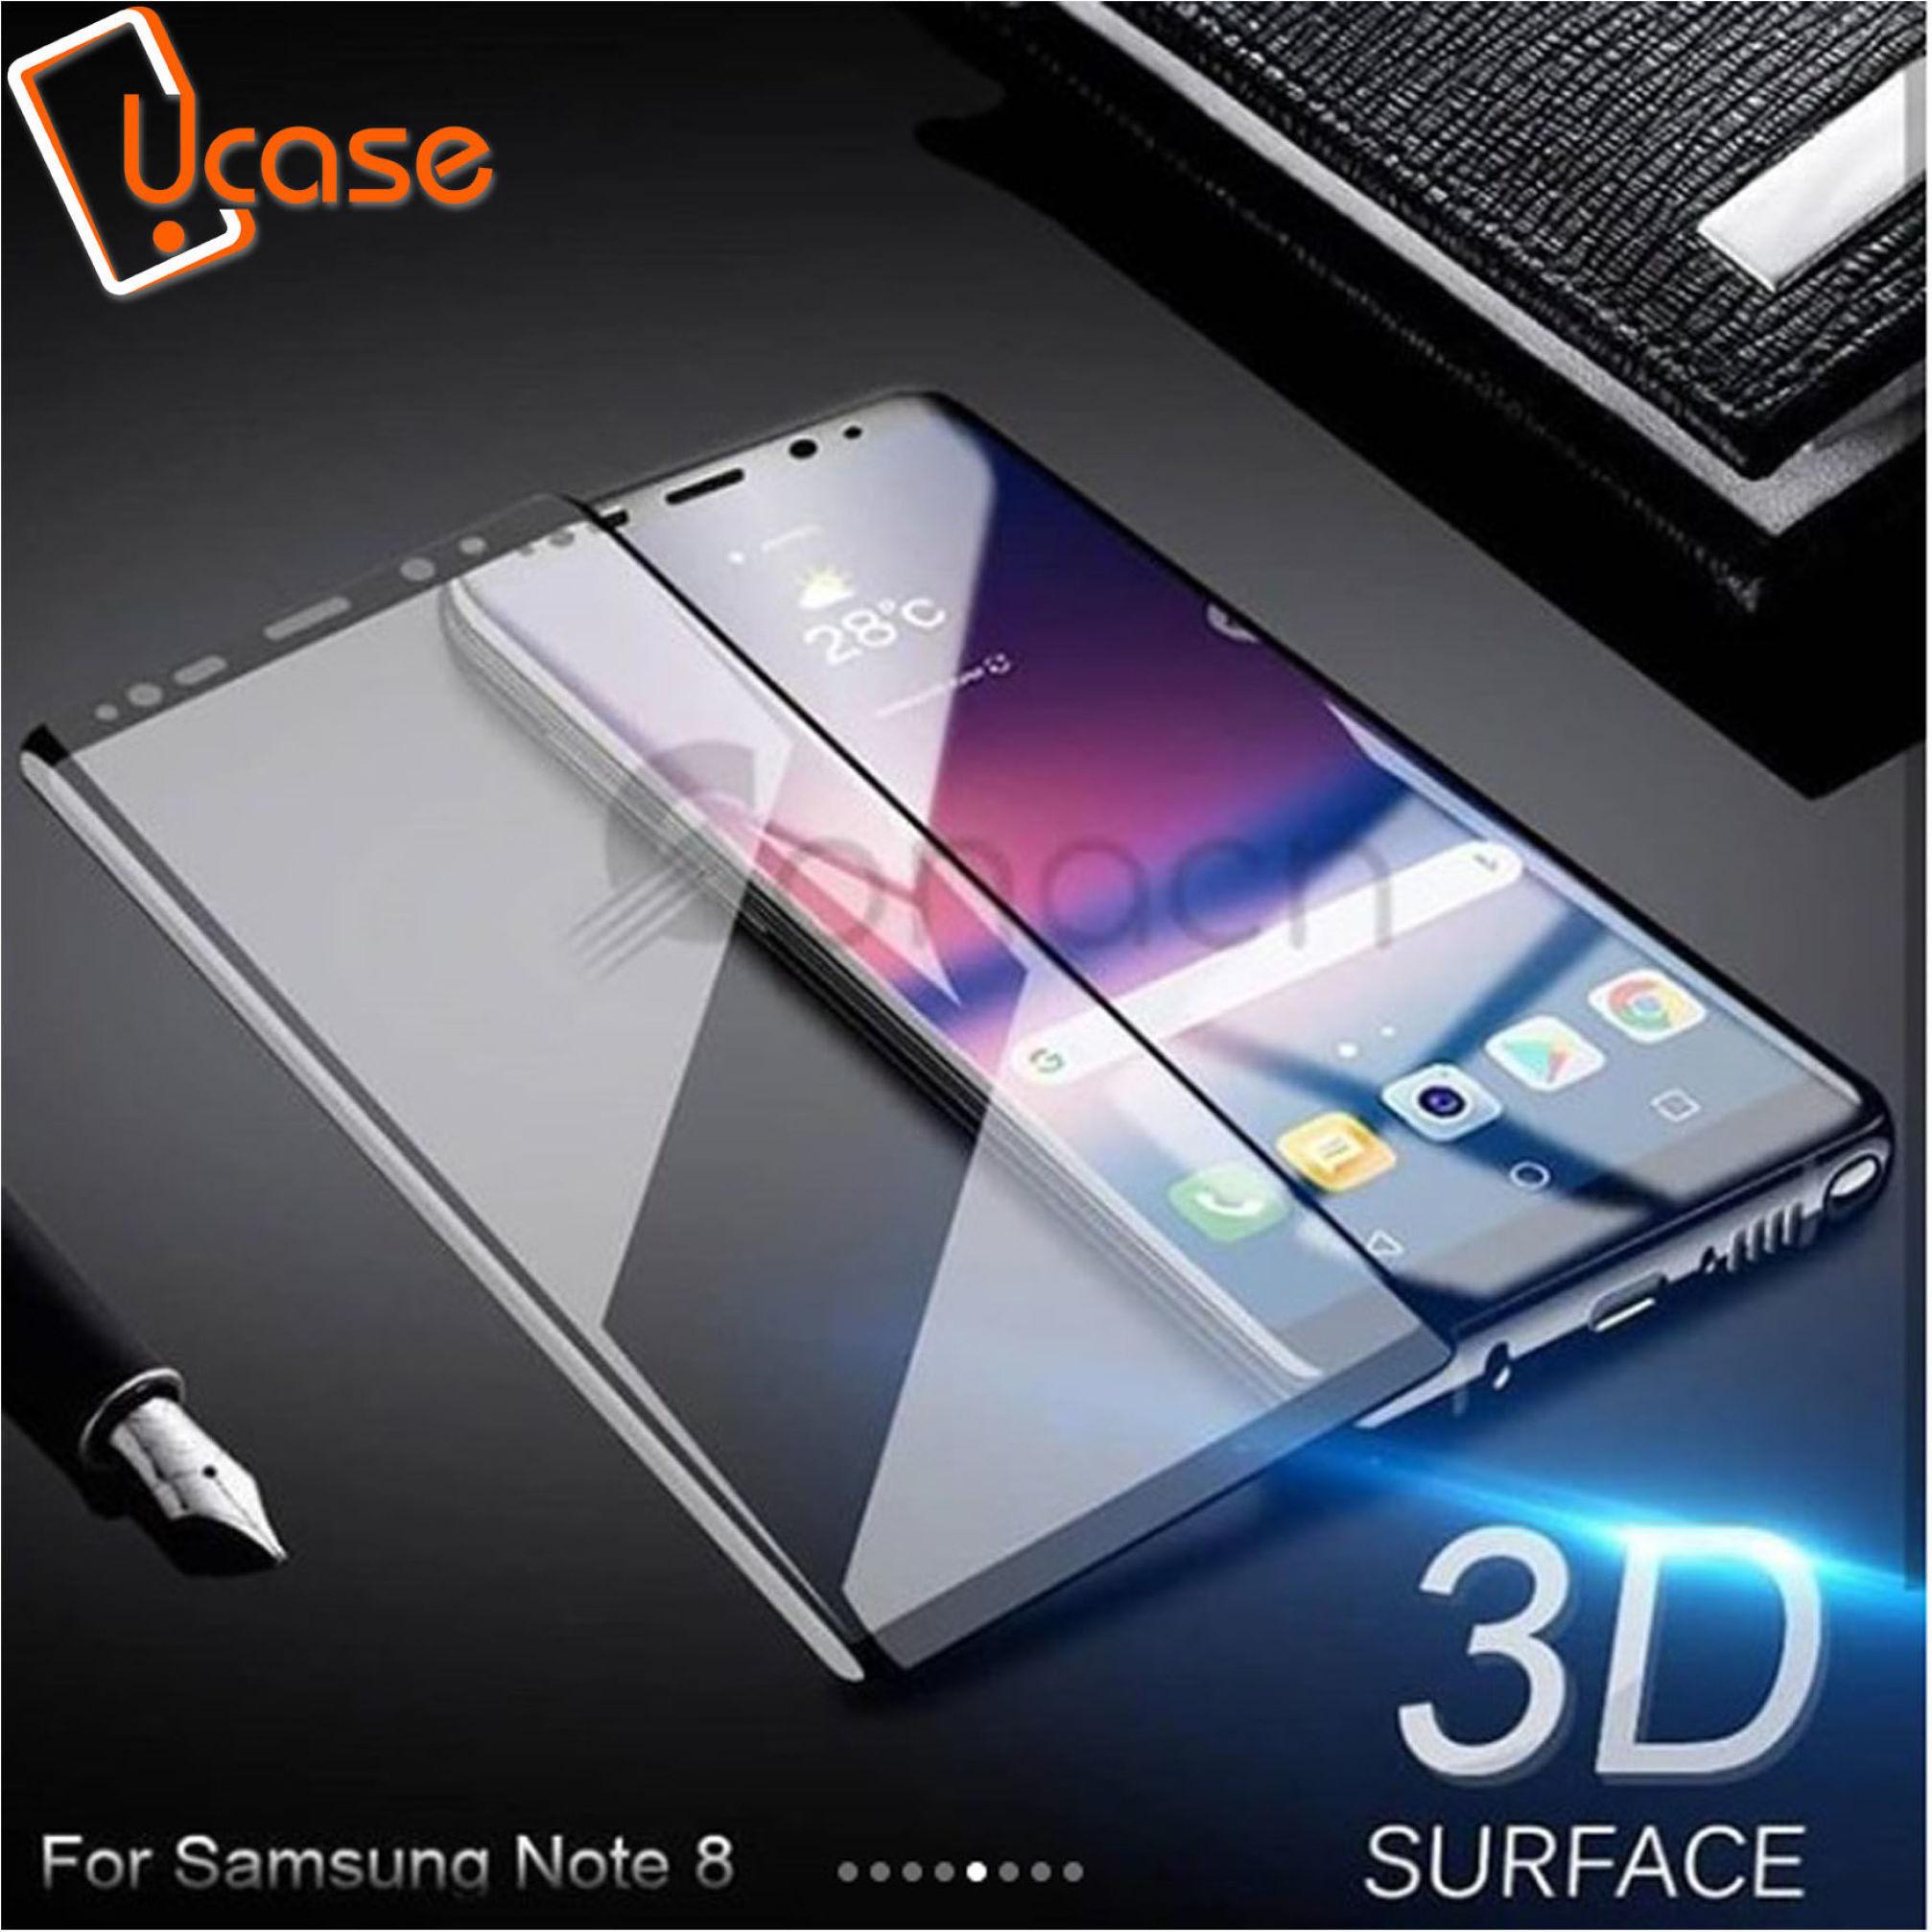 محافظ صفحه نمایش نوت 8، محافظ صفحه نمایش note 8